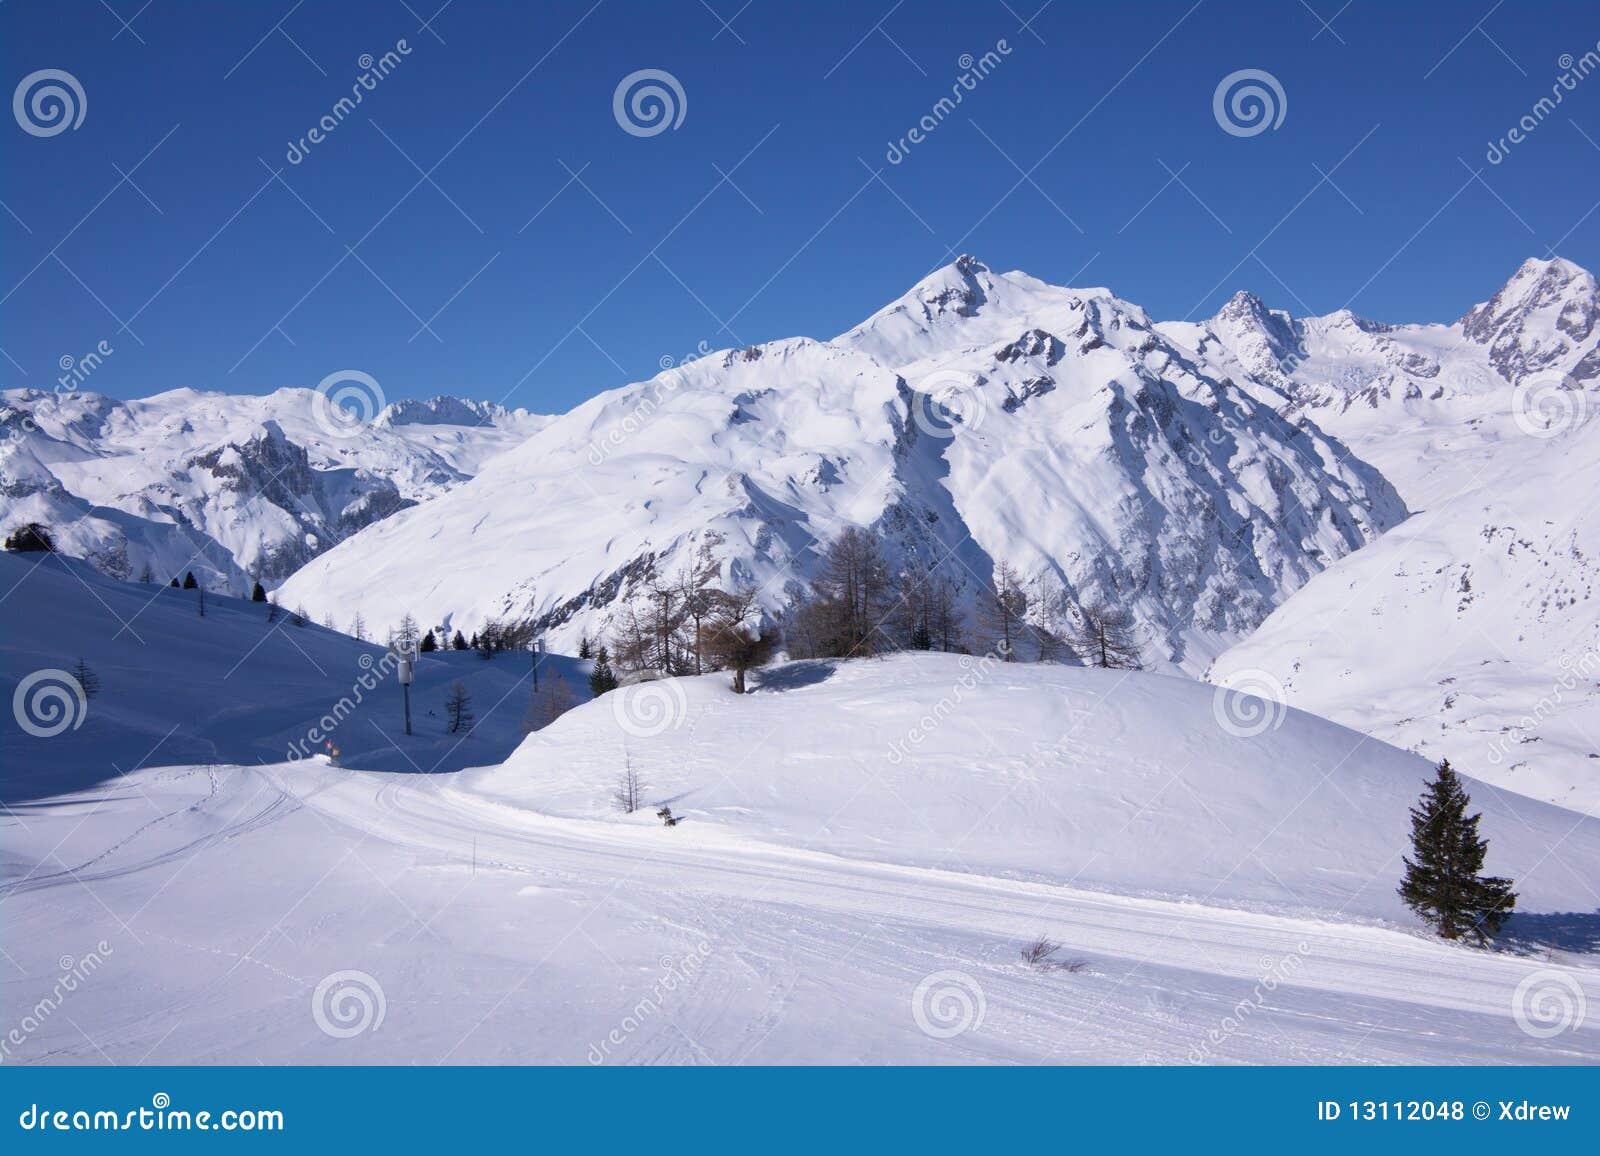 高山阿尔卑斯欧洲法国山区度假村滑雪雪视图冬天.图片